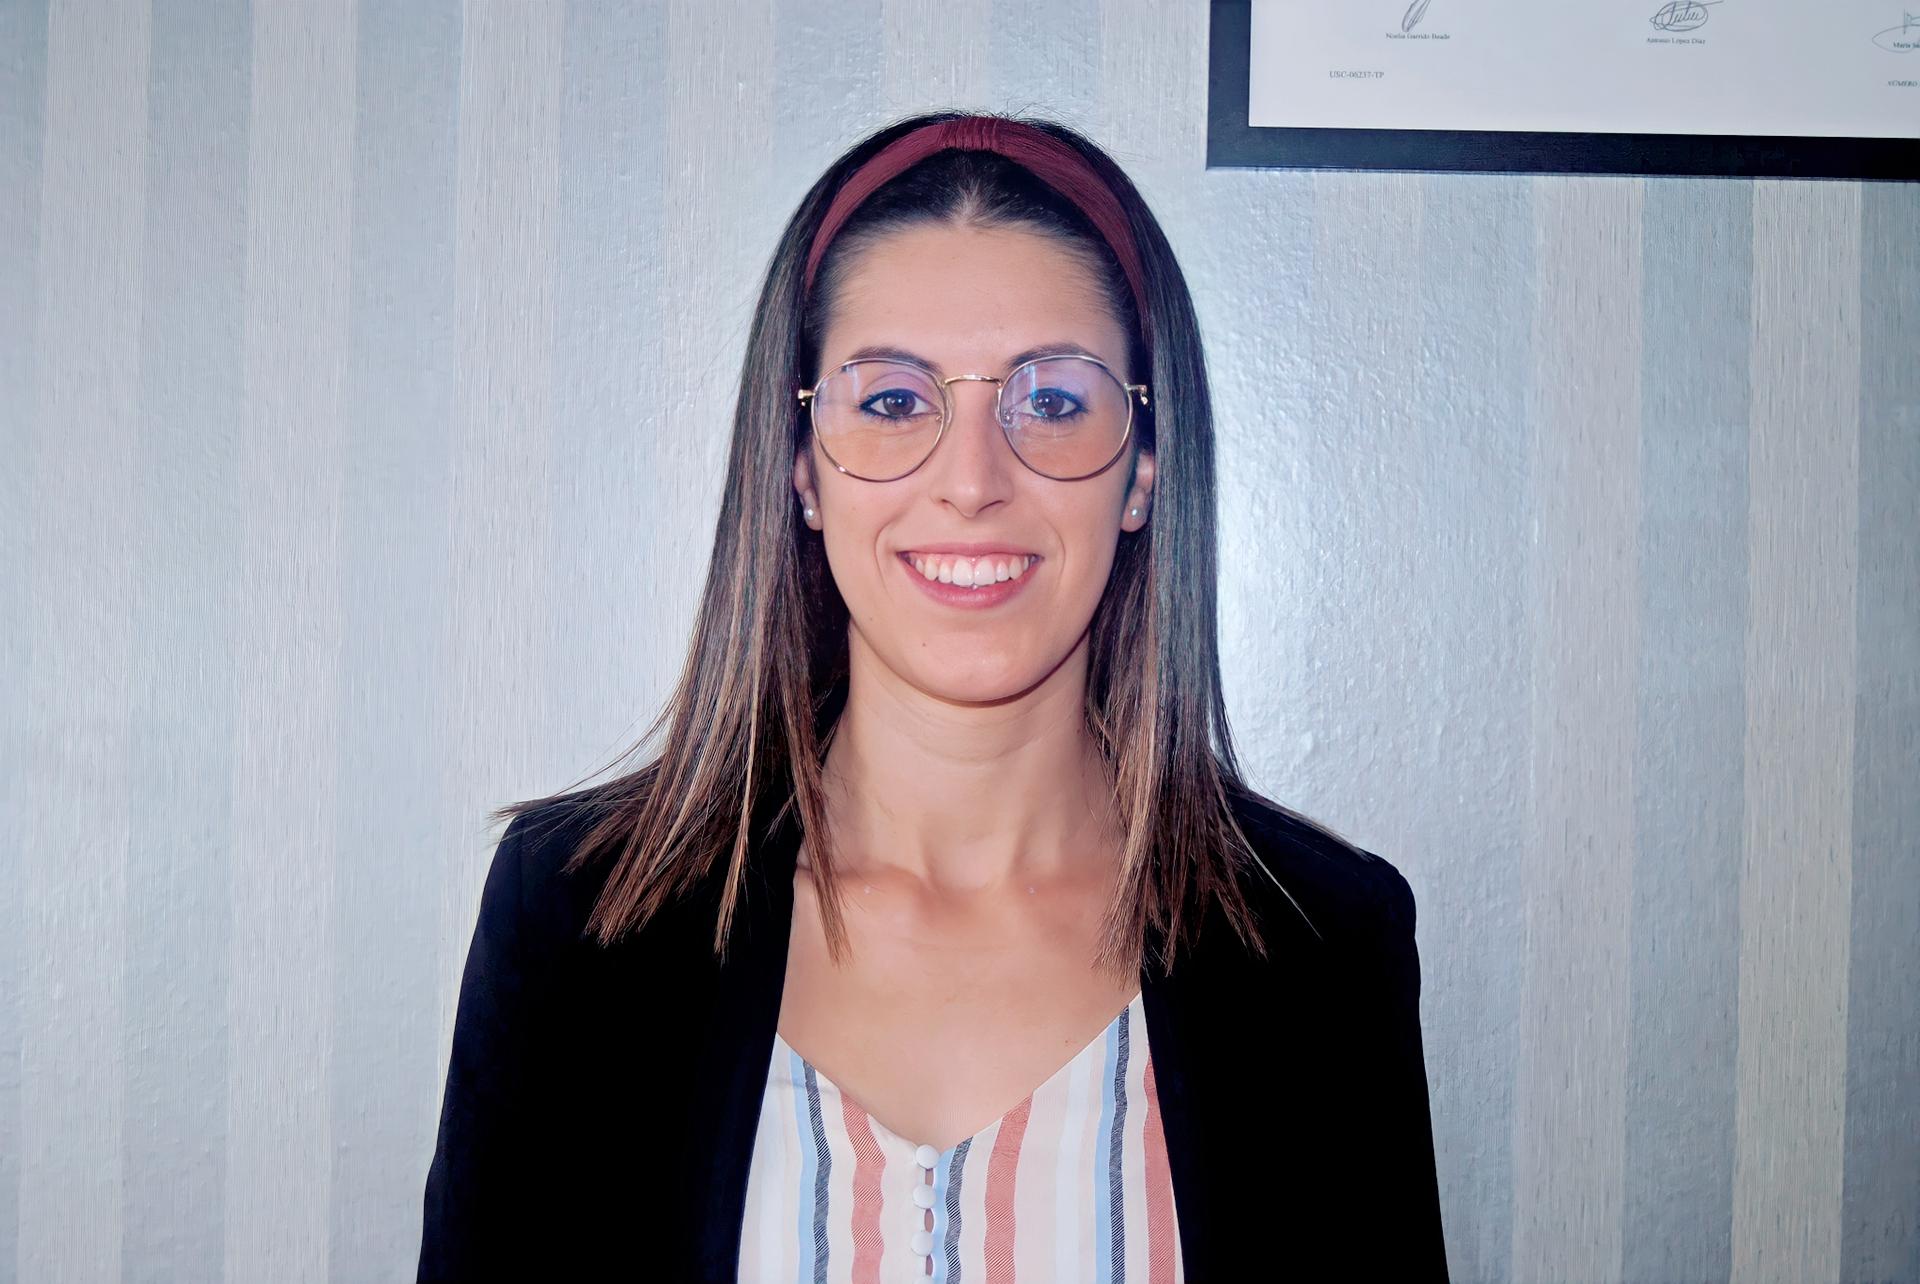 """Noelia Garrido: """"Con el profesorado mantengo el contacto vía email, siempre están dispuestos a responder las dudas que van surgiendo por el camino y quien mejor que ellos para aclararnos las ideas""""."""